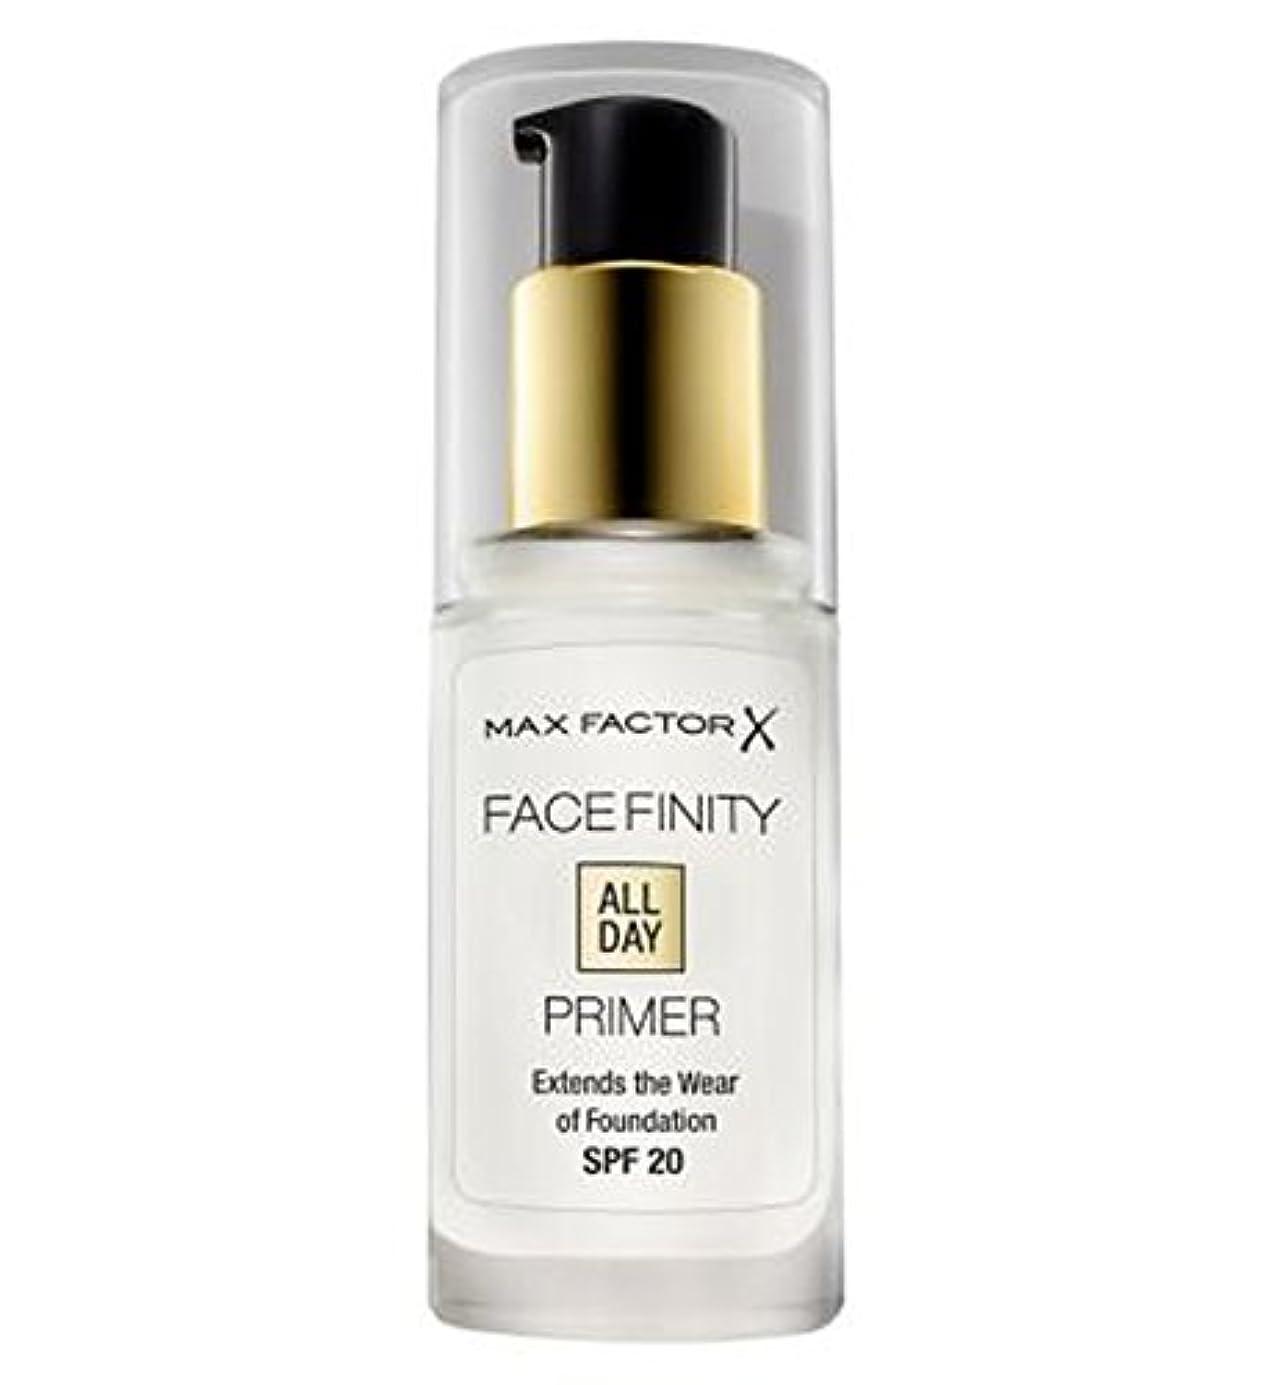 部門人柄ジョセフバンクスMax Factor Facefinity All Day Primer - マックスファクターのFacefinity終日プライマー (Max Factor) [並行輸入品]